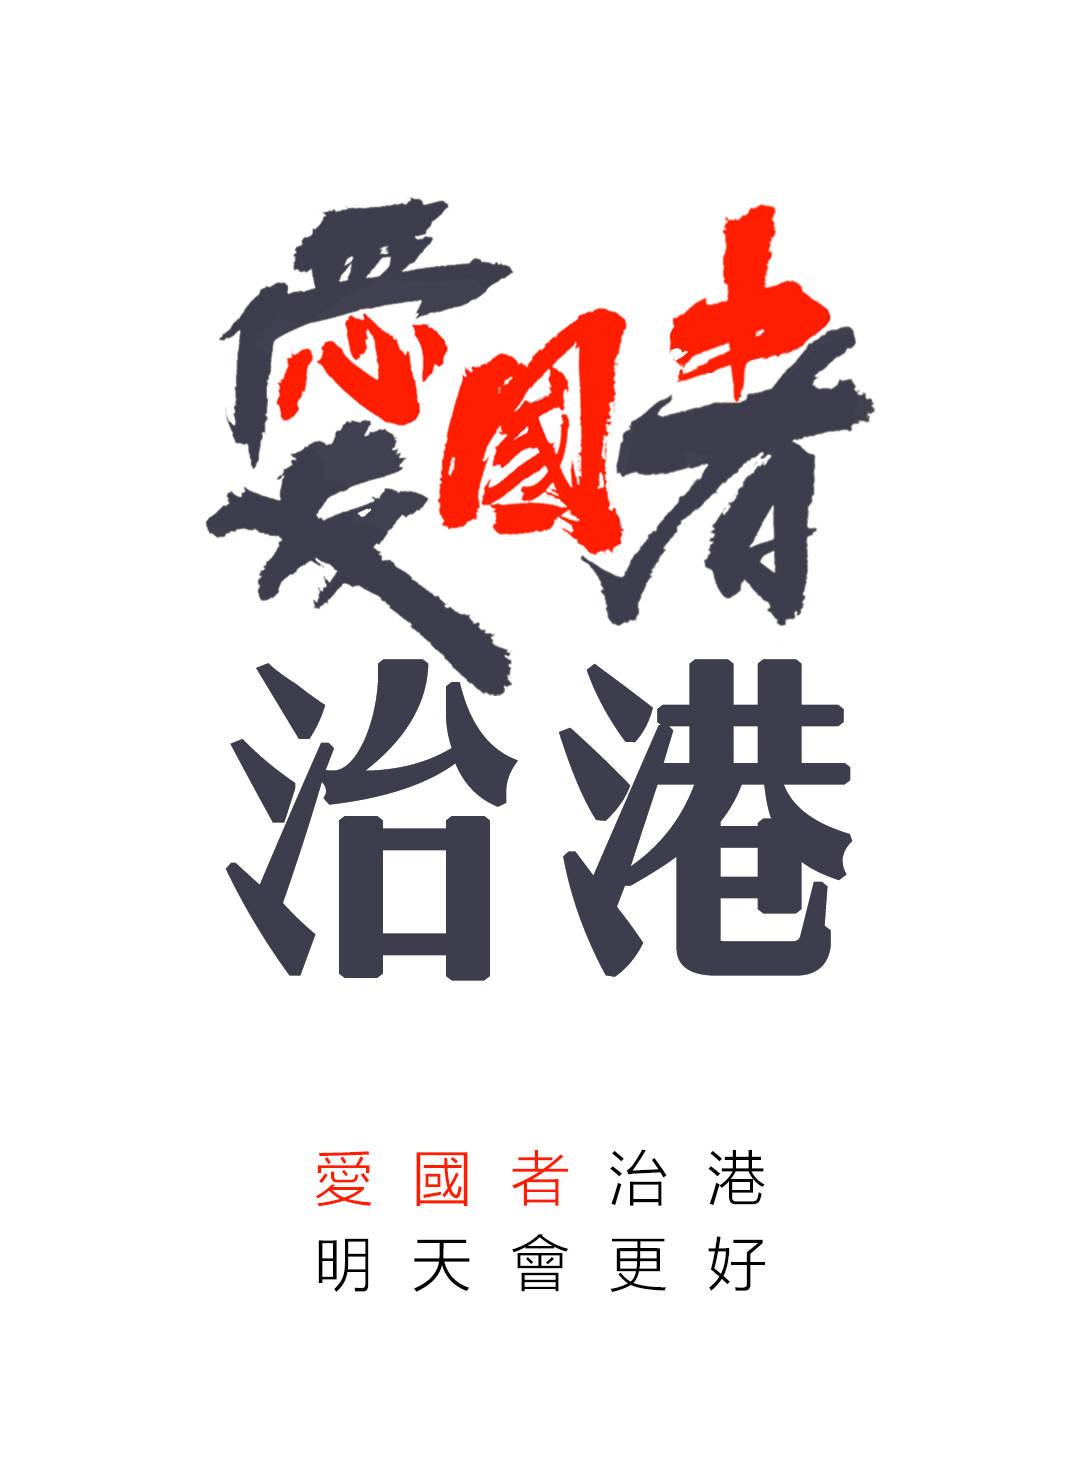 爱国者治港,香港明天会更好!